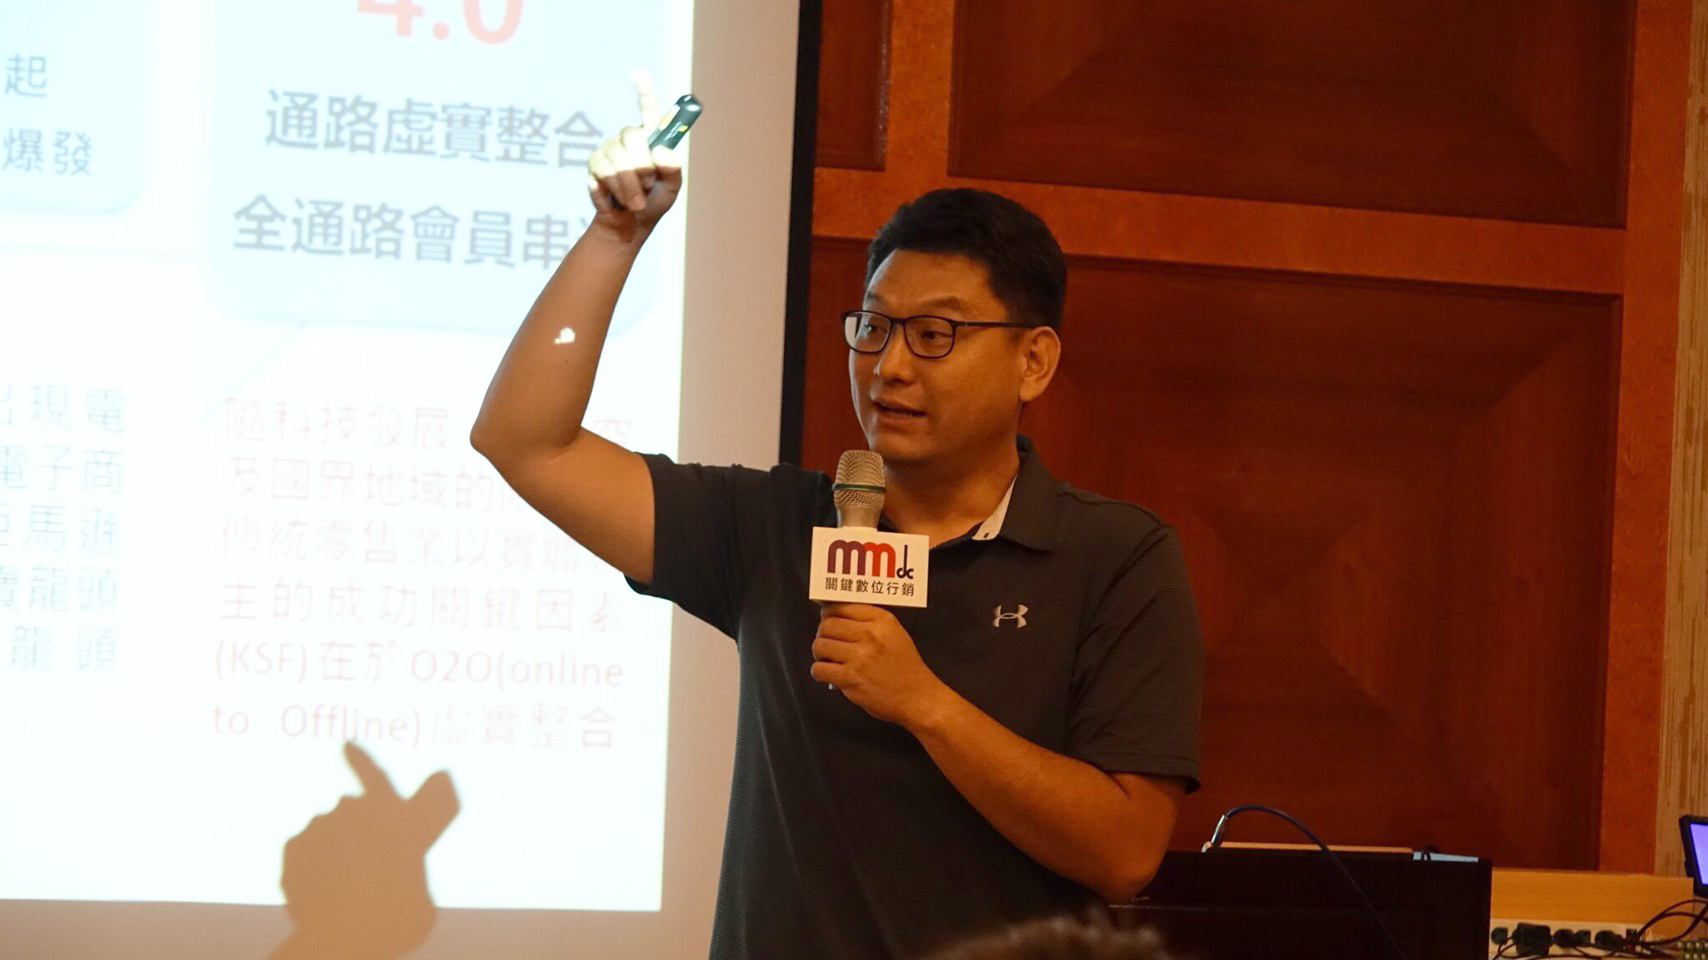 MMdc 數位名人沙龍—領袖對談